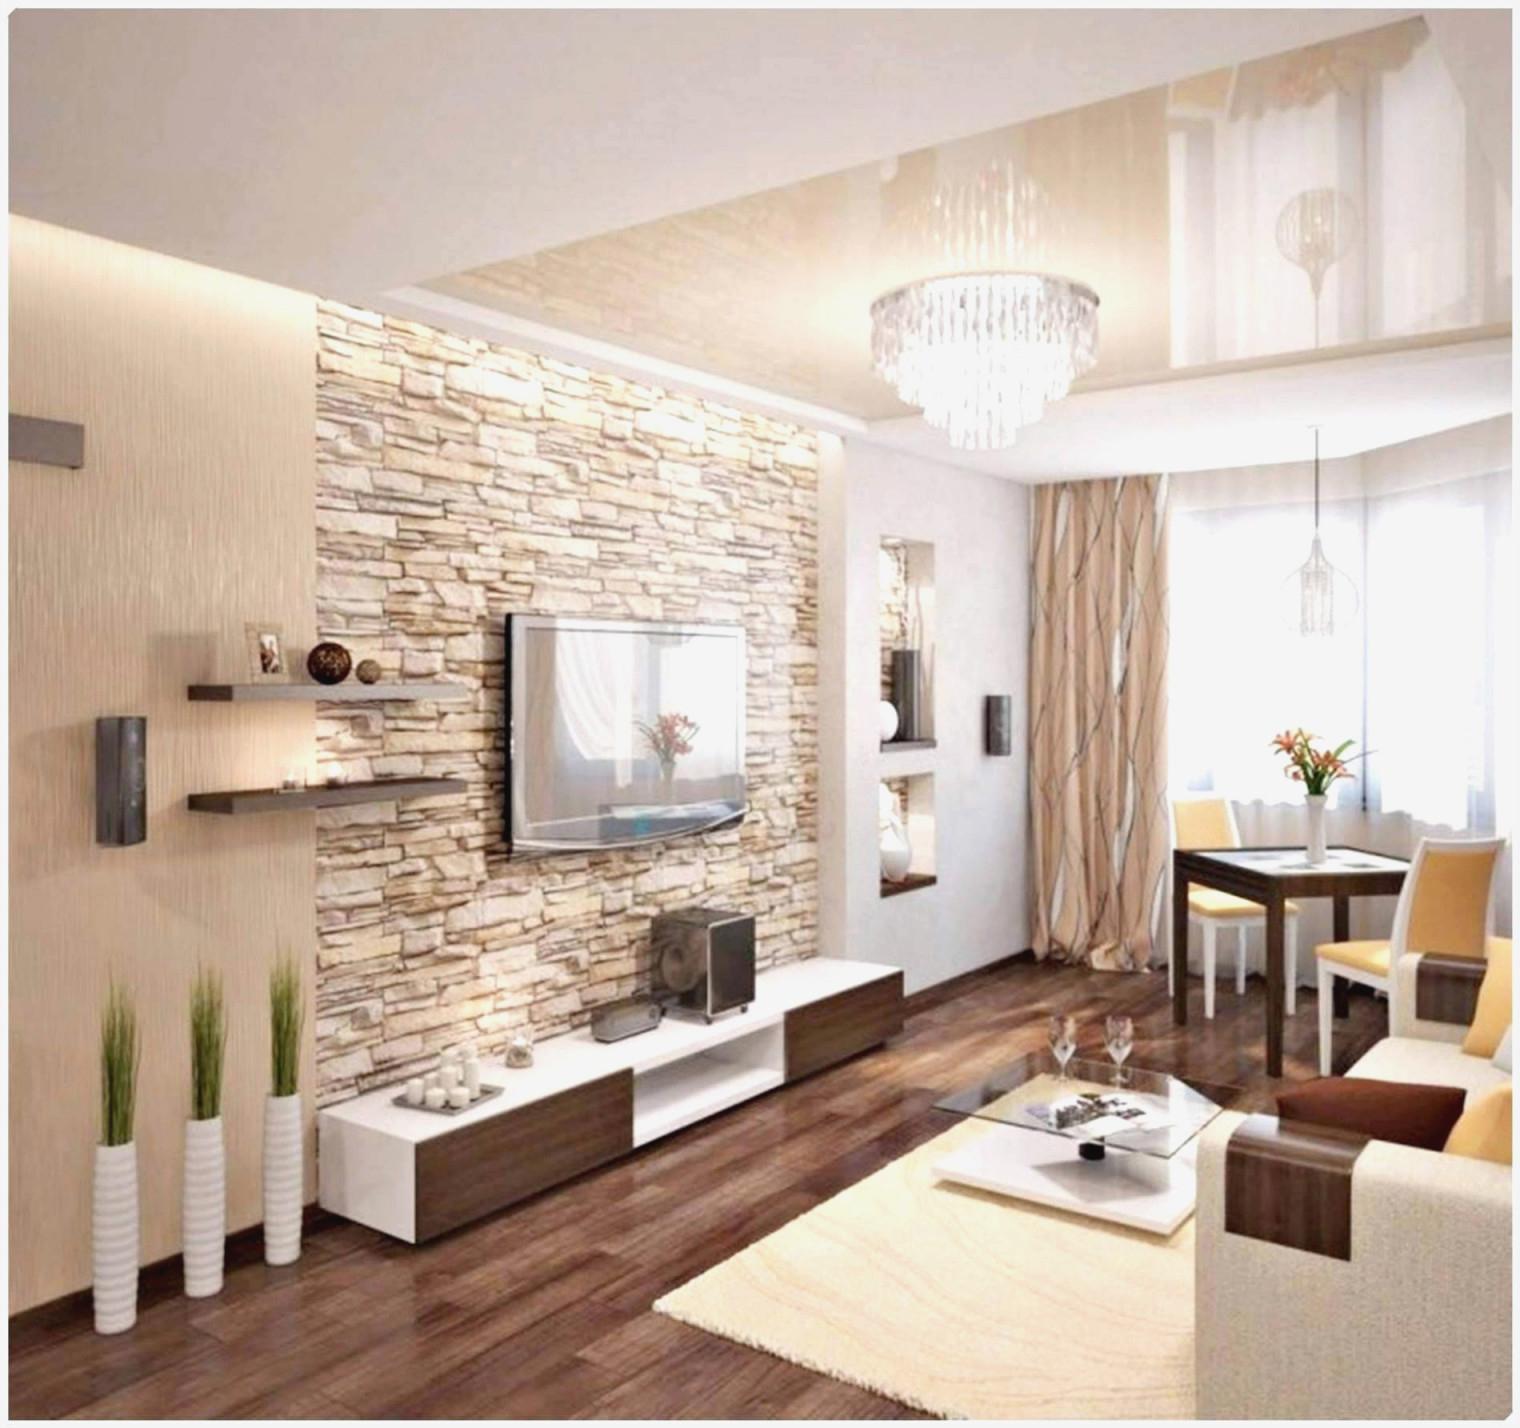 Wohnzimmer Ideen Wandgestaltung Hell  Wohnzimmer von Wohnzimmer Ideen Hell Bild